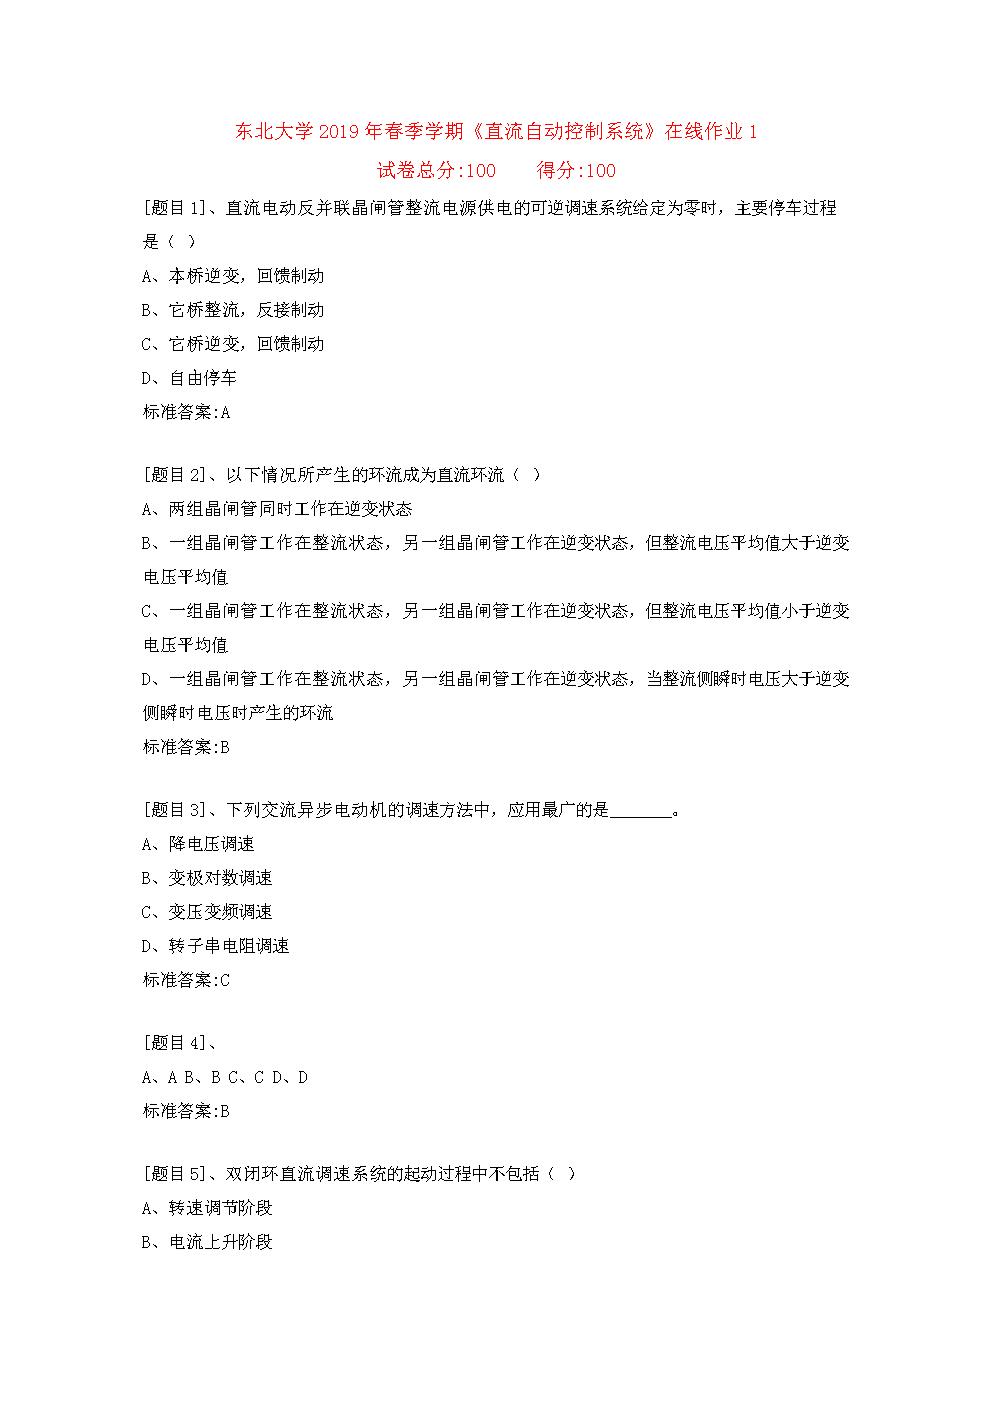 东北大学2019年春季学期《直流自动控制系统》在线作业(答案).doc